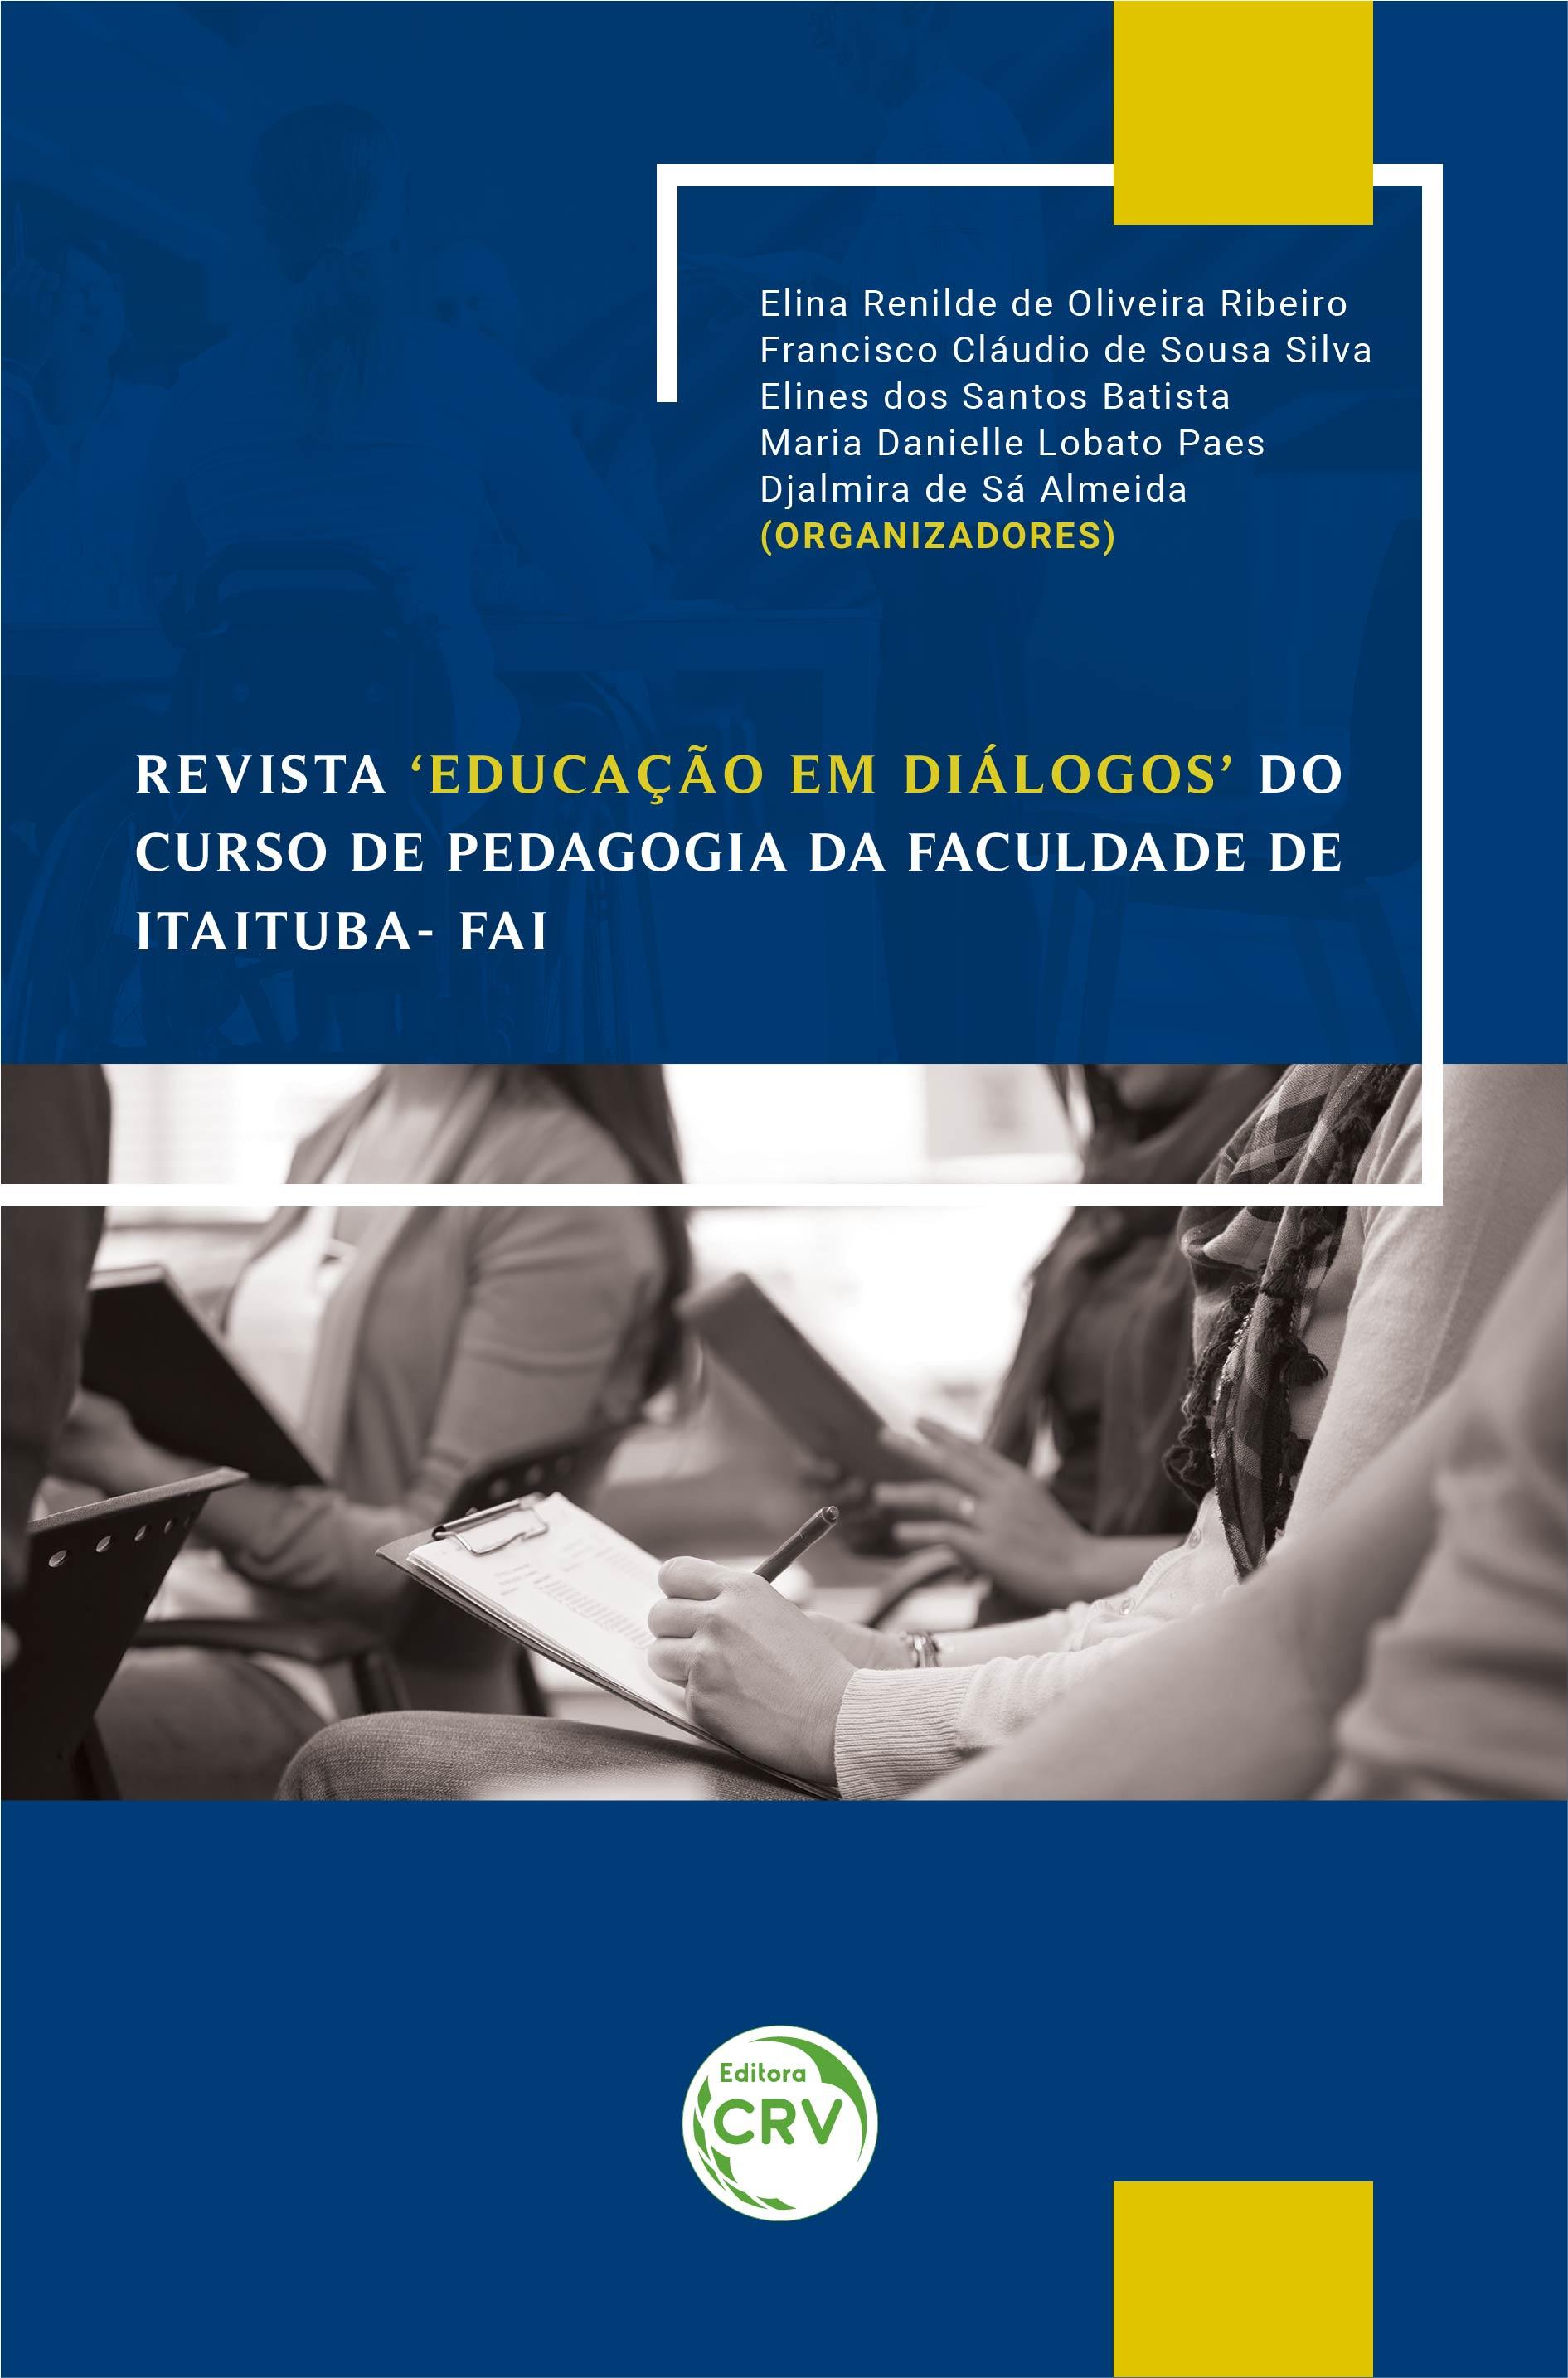 Capa do livro: REVISTA 'EDUCAÇÃO EM DIÁLOGOS' DO CURSO DE PEDAGOGIA DA FACULDADE DE ITAITUBA – FAI